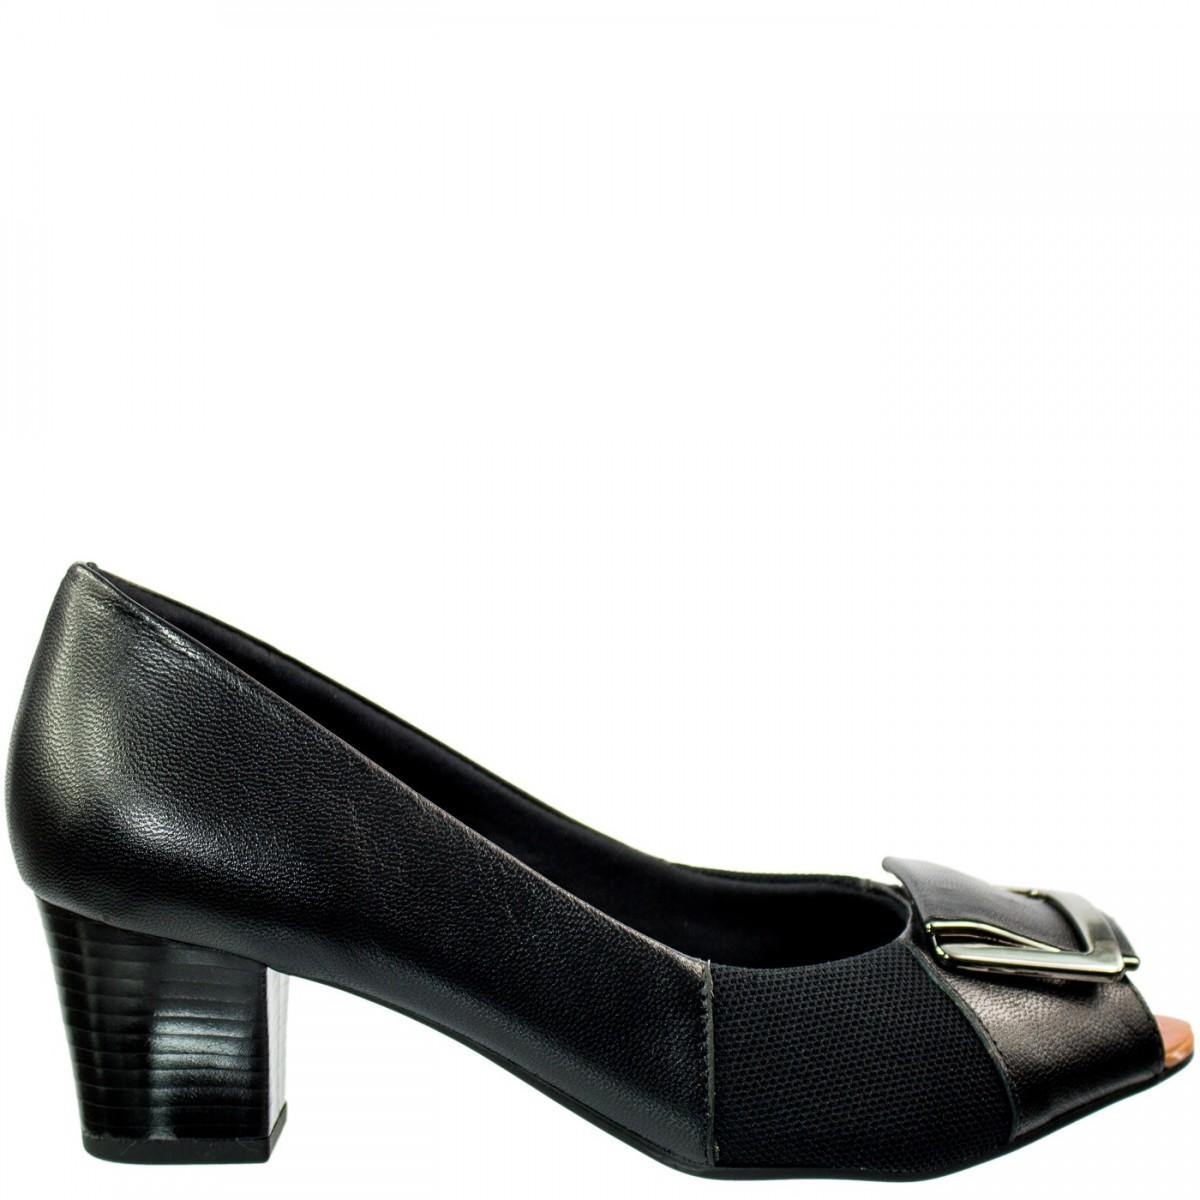 6dcce75f7 Bizz Store - Sapato Peep Toe Feminino Usaflex Para Joanetes